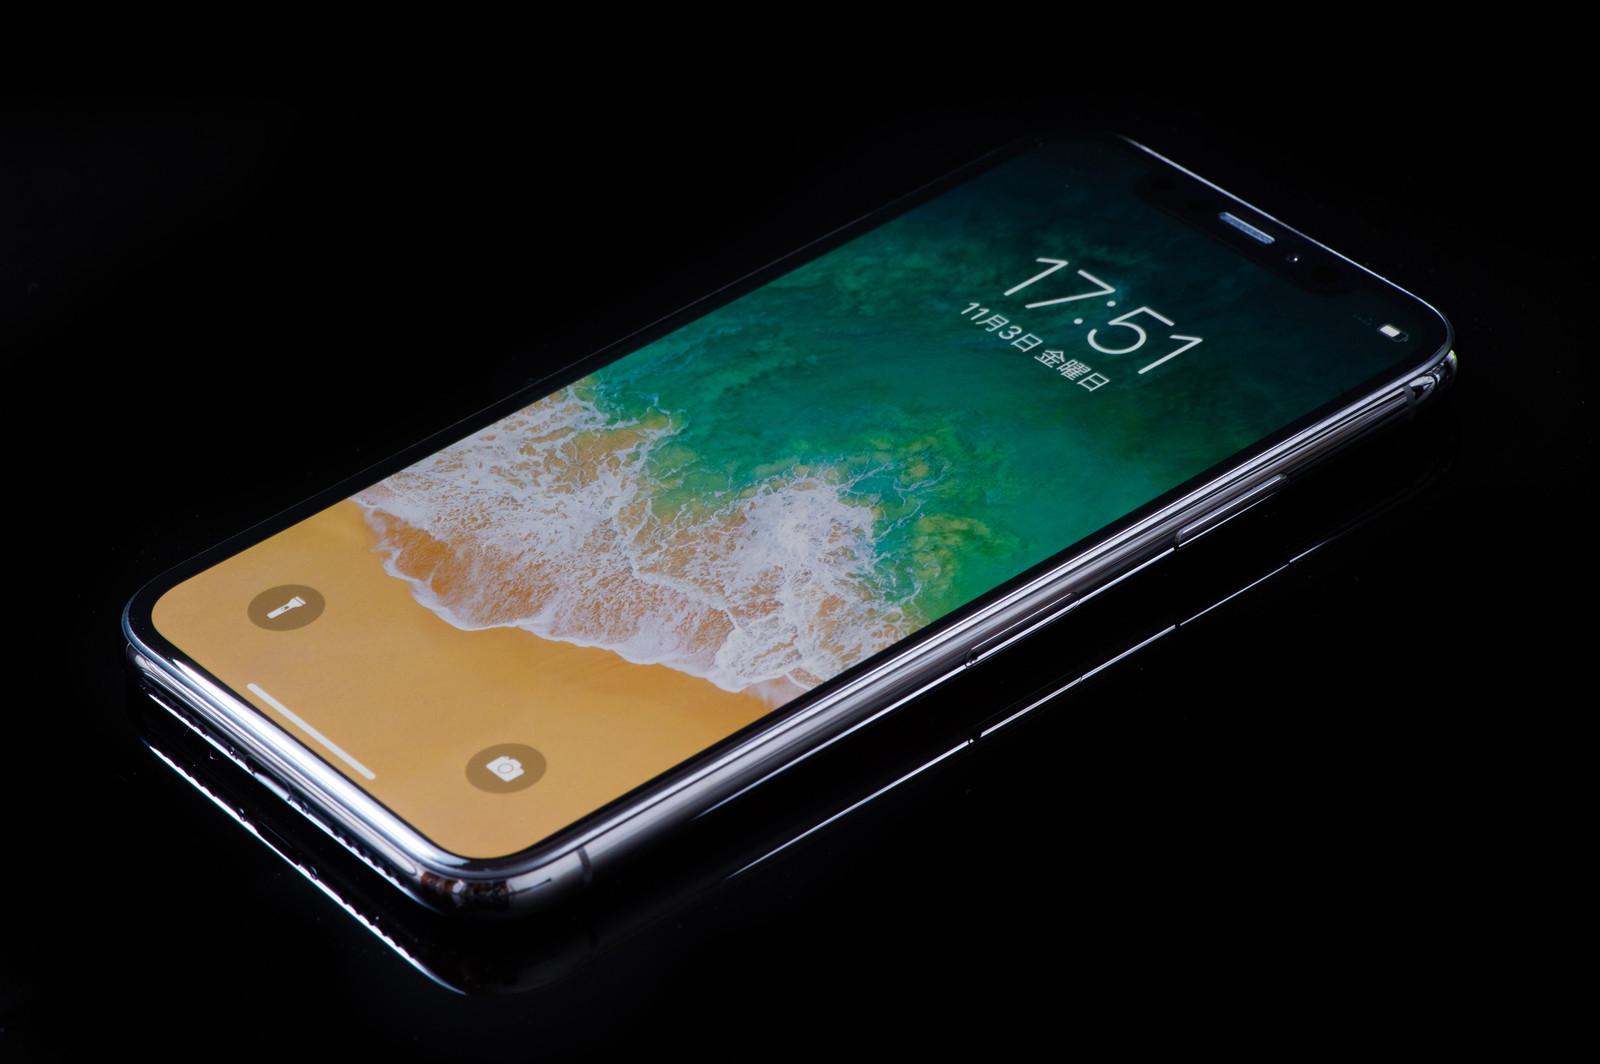 【スマホが重い時】iphoneの動作に影響するメモリ「RAM」の確認 ...